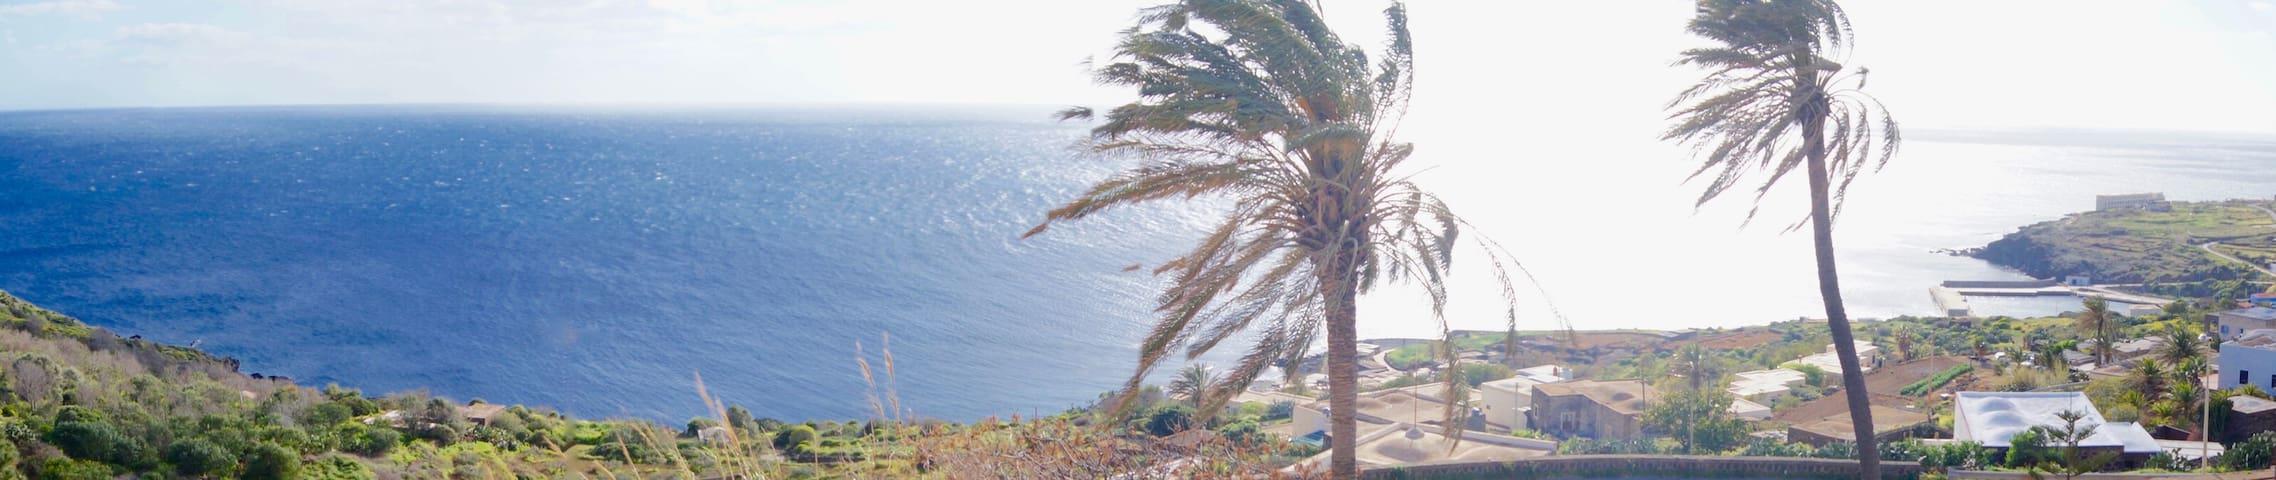 Dammuso Gelso - Pantelleria - Flat